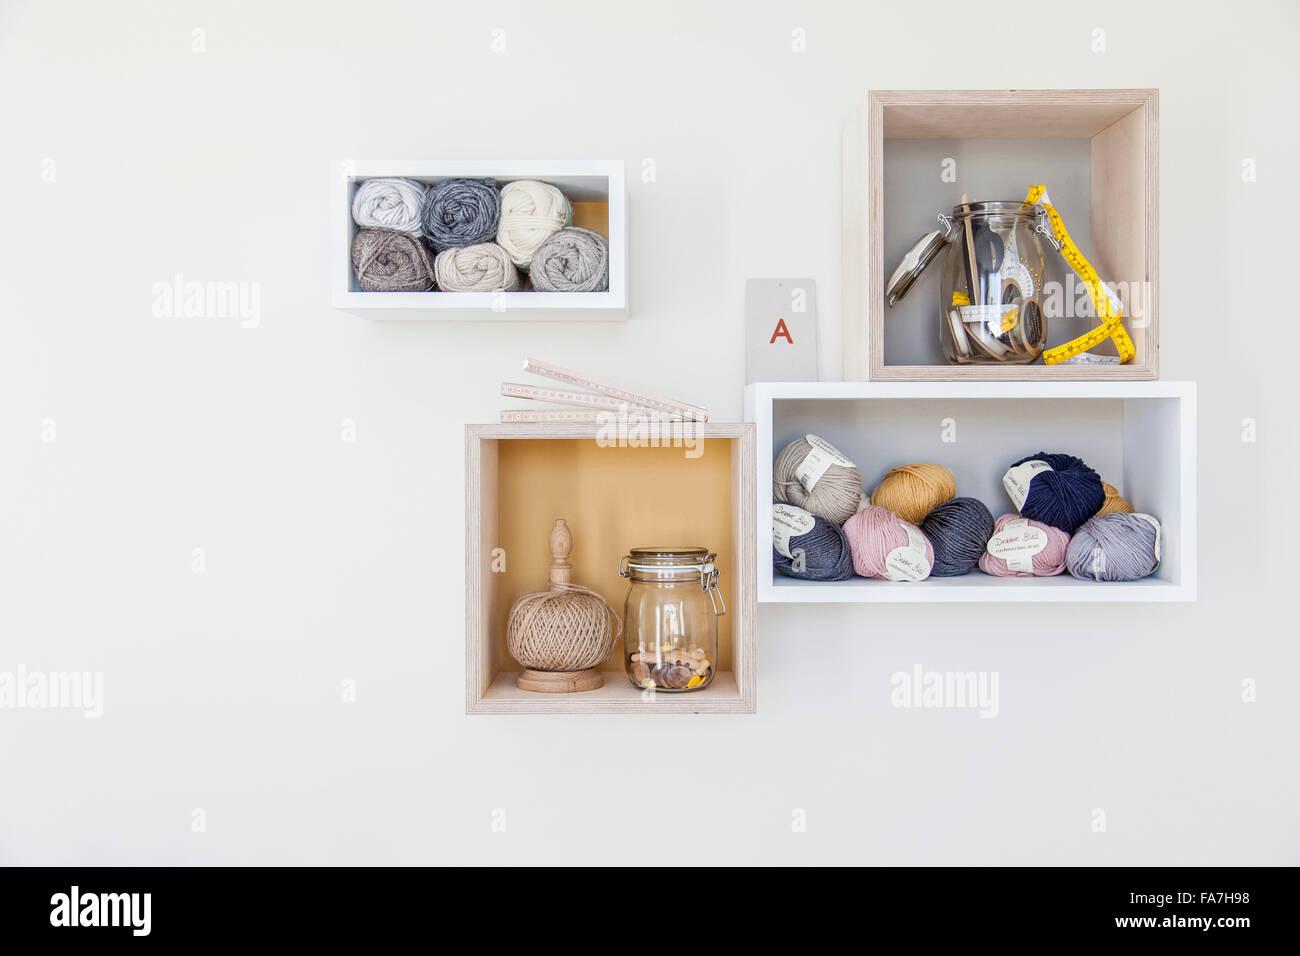 Estantes creativa una casa combinando estilo moderno minimalista con visualización de objetos tradicionales Imagen De Stock